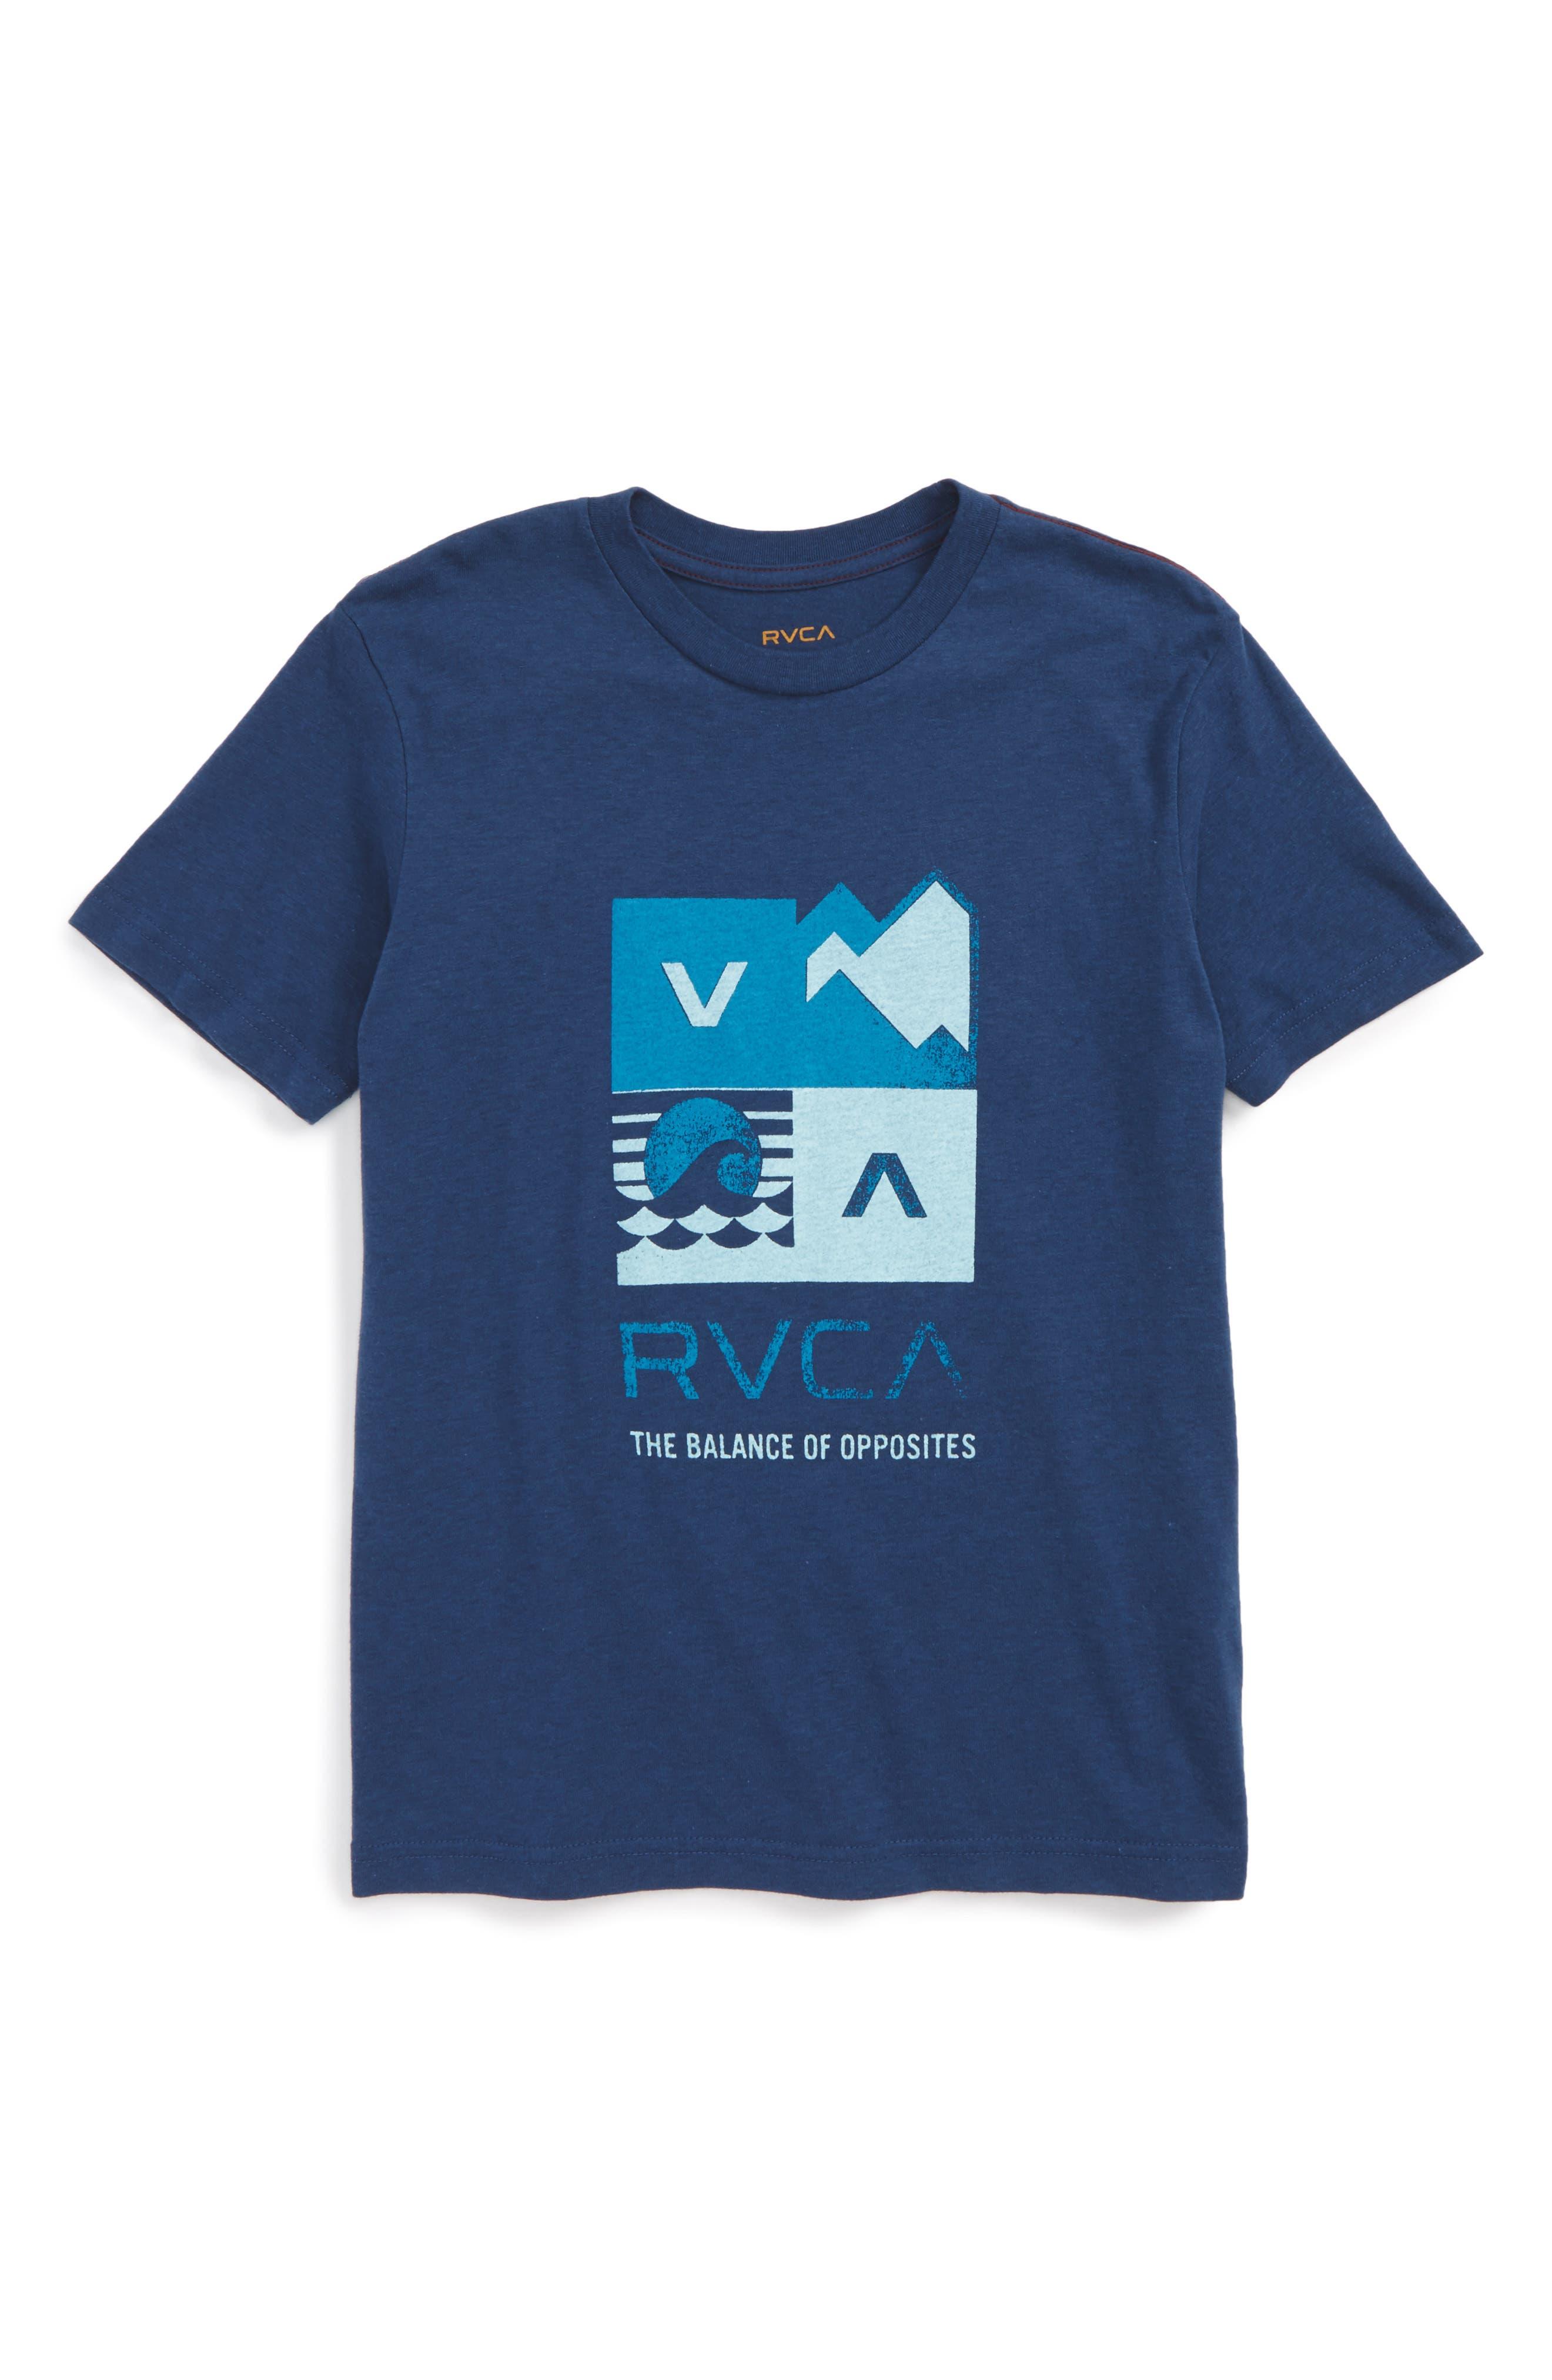 Surf Check Graphic Print T-Shirt,                             Main thumbnail 1, color,                             407